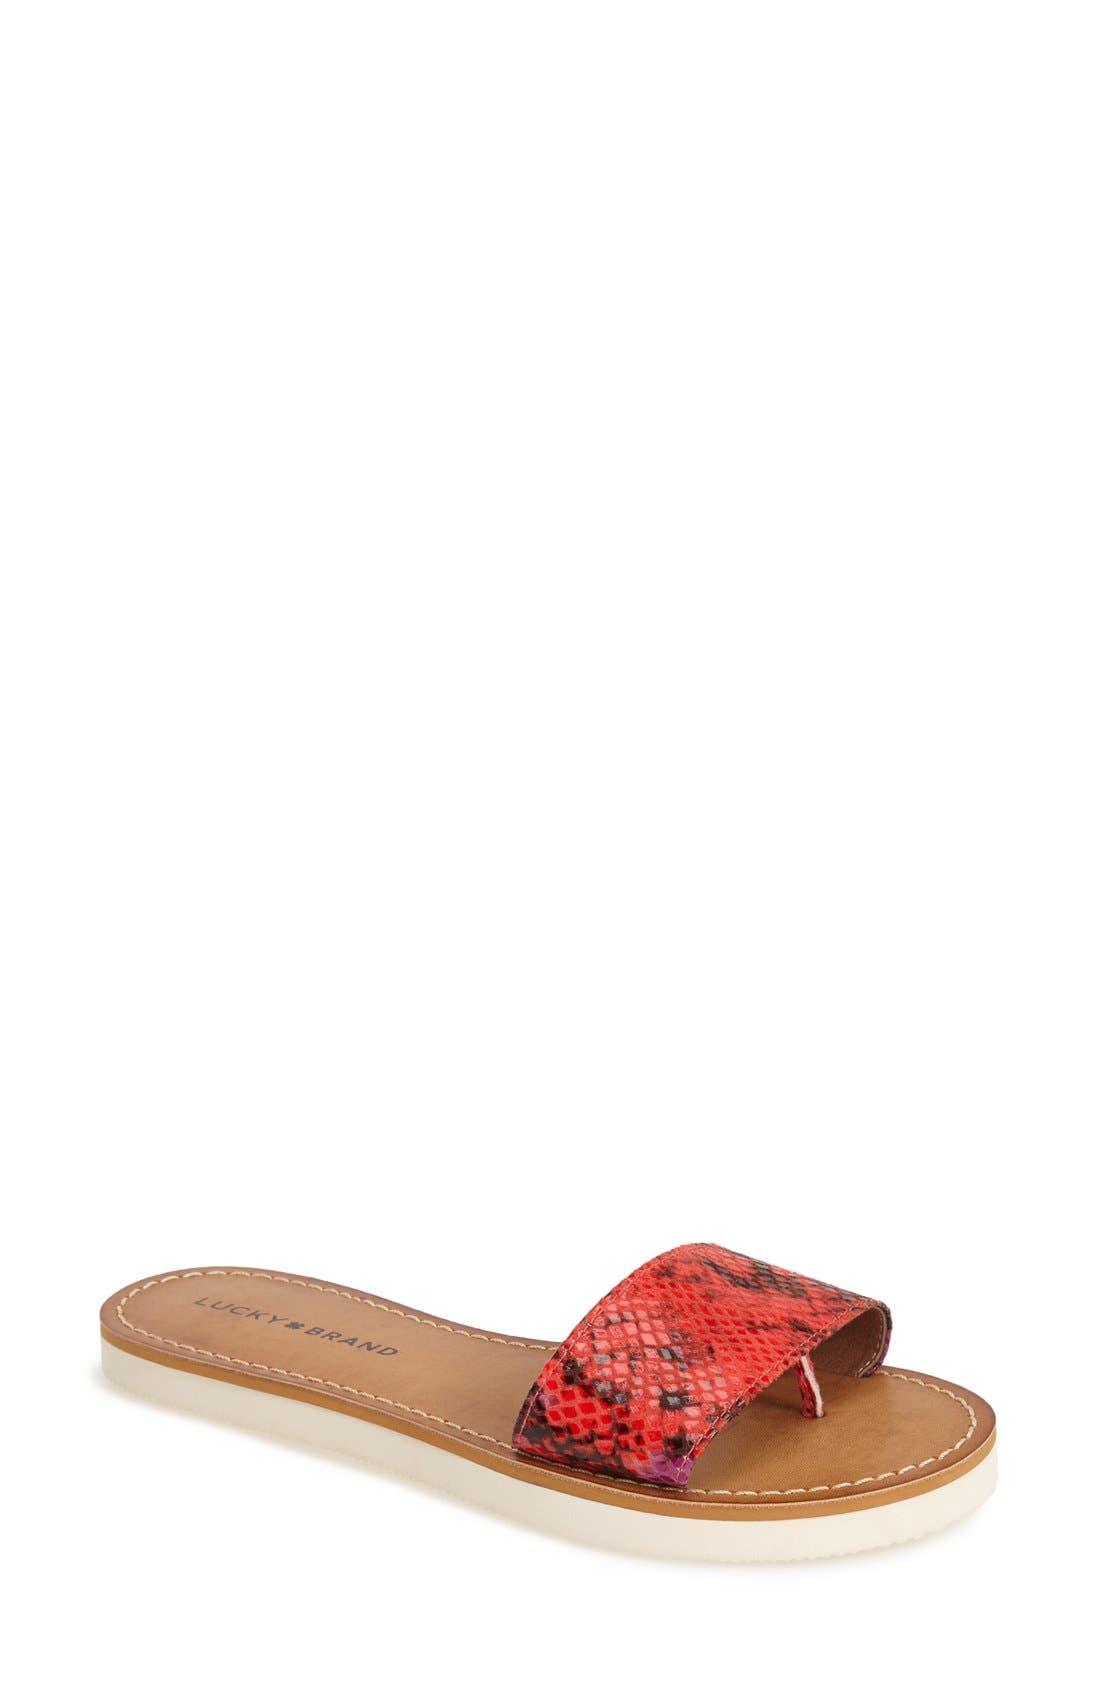 Alternate Image 1 Selected - Lucky Brand 'Deldonna' Slide Sandal (Women)